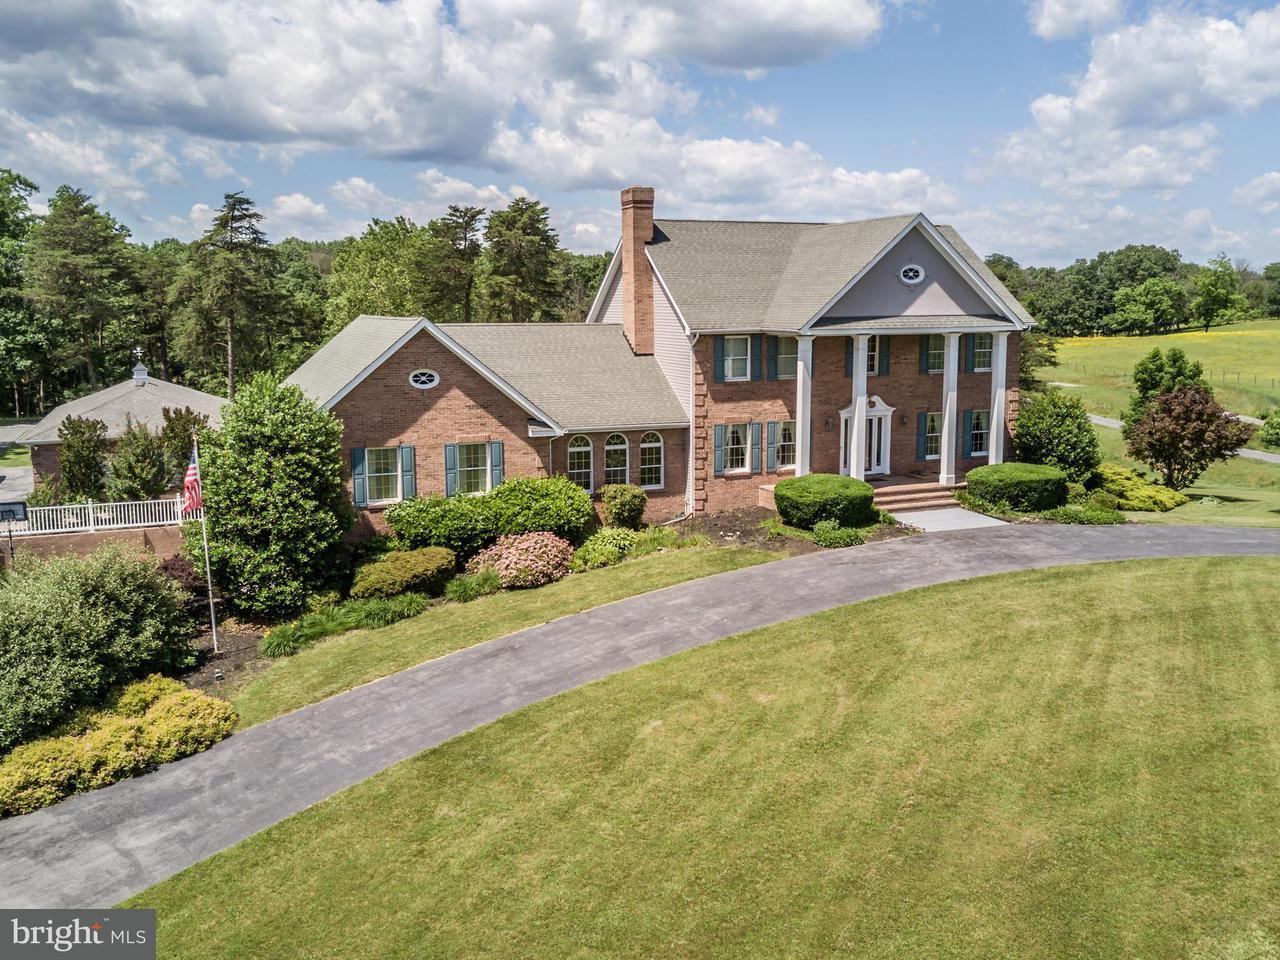 Частный односемейный дом для того Продажа на 2000 DOUBLE CHURCH Road 2000 DOUBLE CHURCH Road Stephens City, Виргиния 22655 Соединенные Штаты